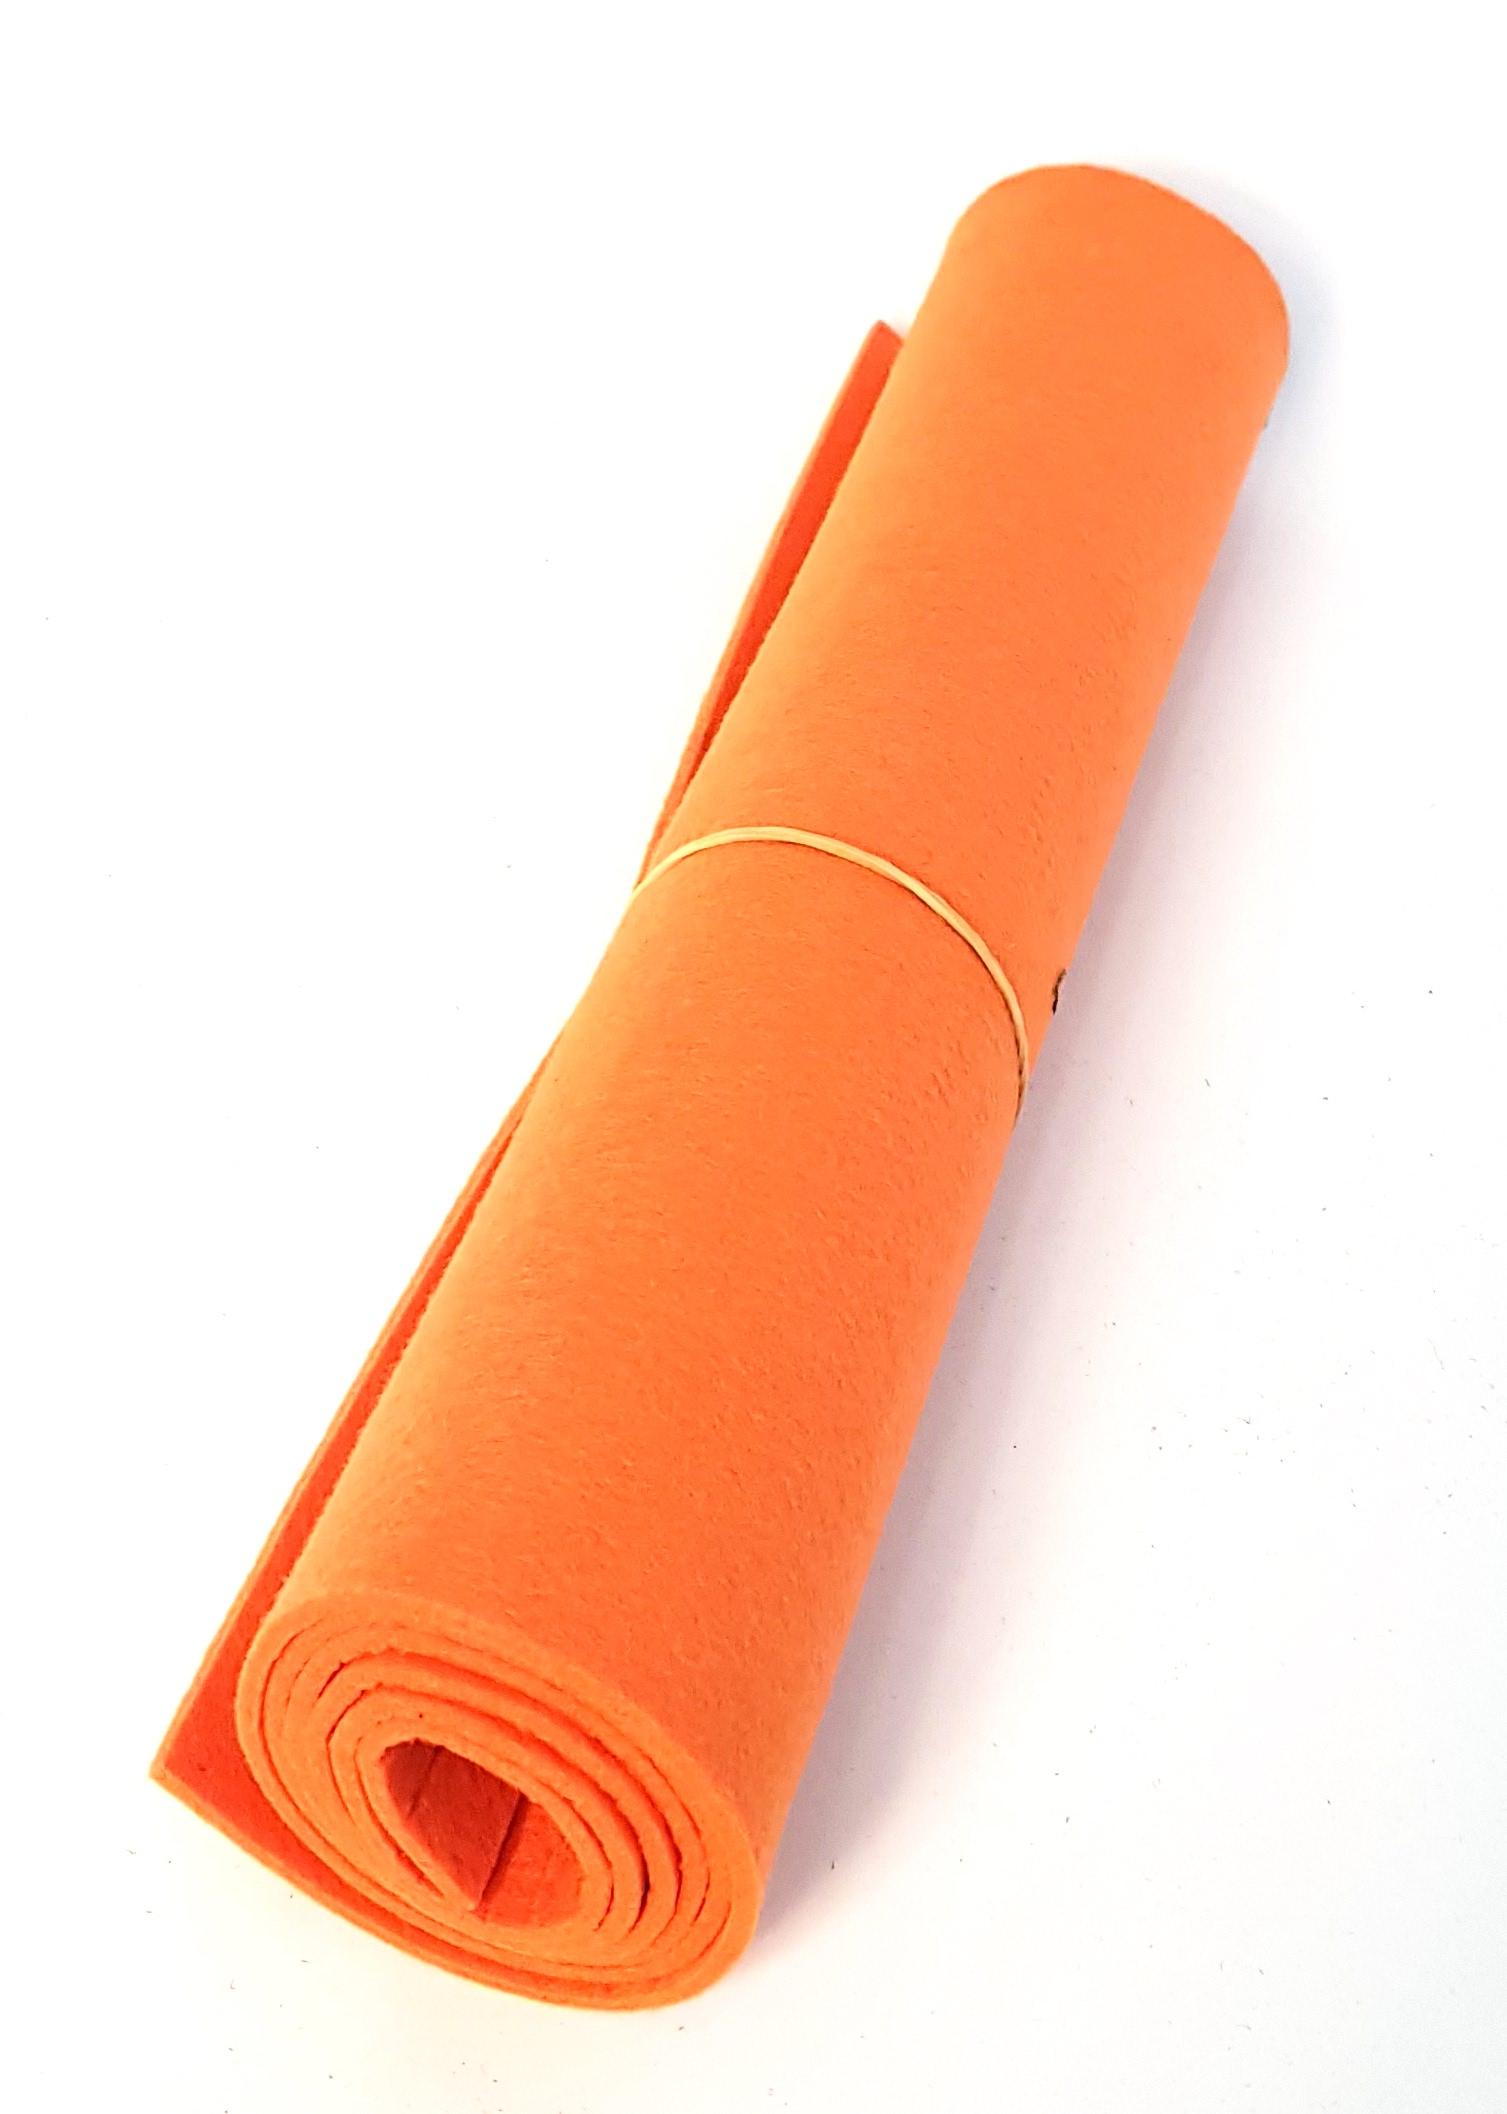 Oranges Filz - Handgemachte individualisierbare Taschen, Körbe, Tischsets, Dekoartikel und mehr auf fideko.de der Onlineshop seit 2011